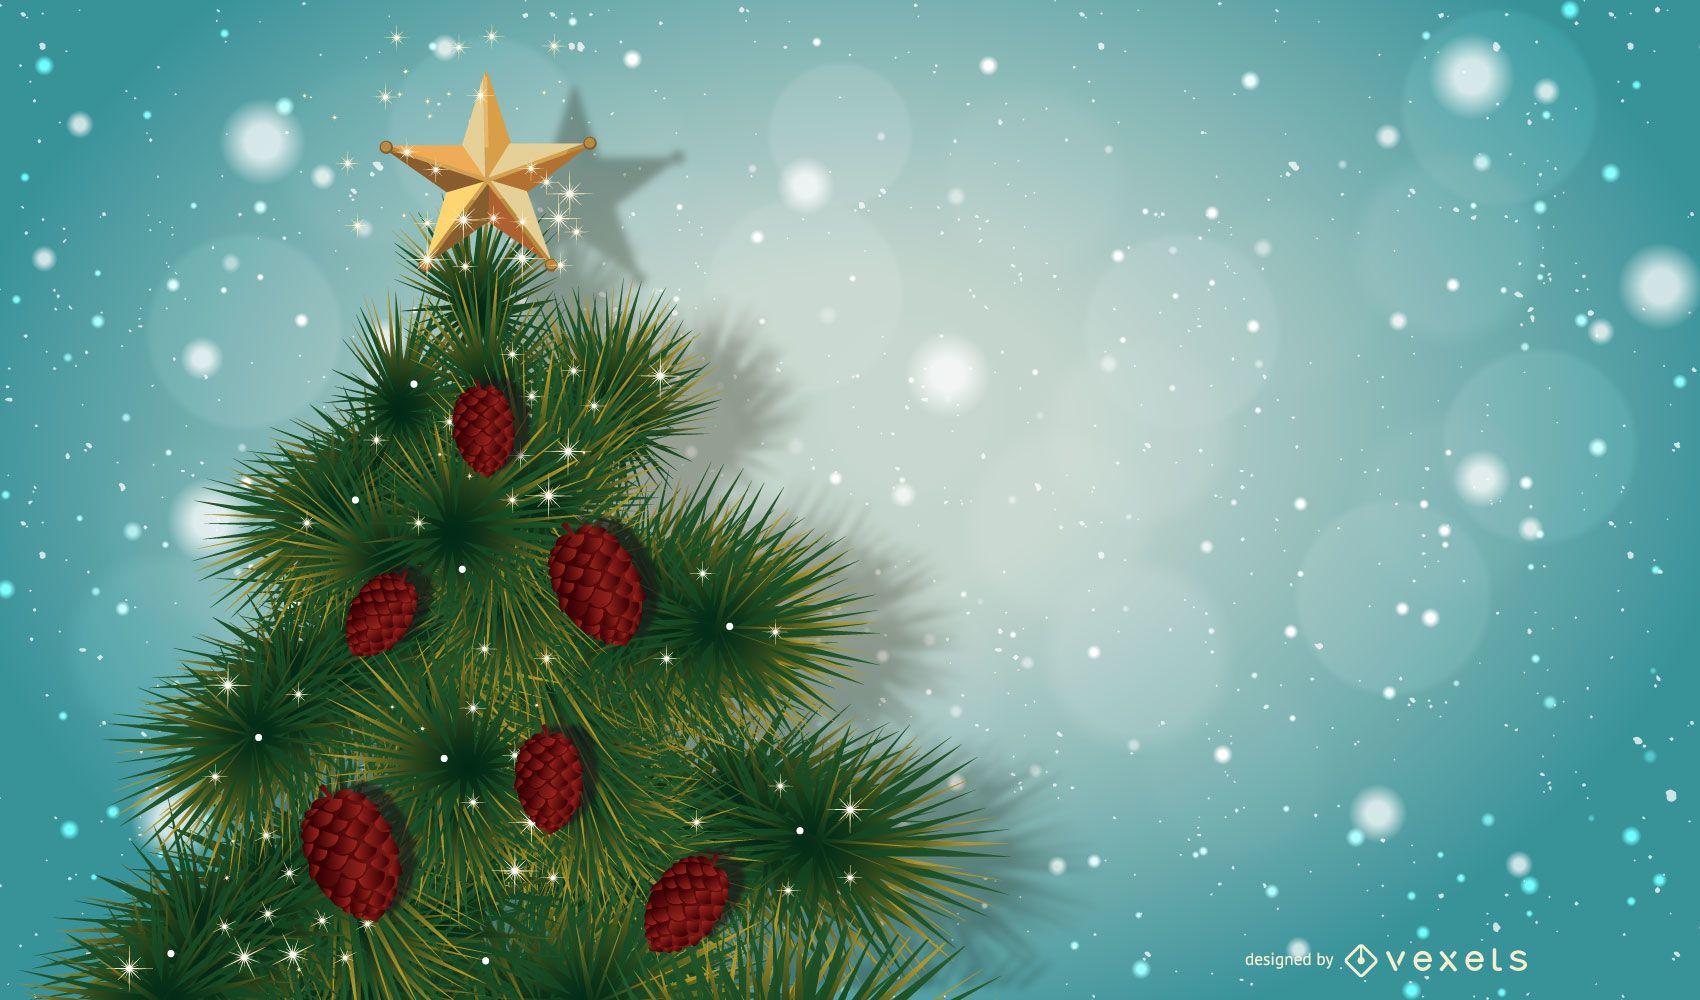 Snowy Christmas Tree design